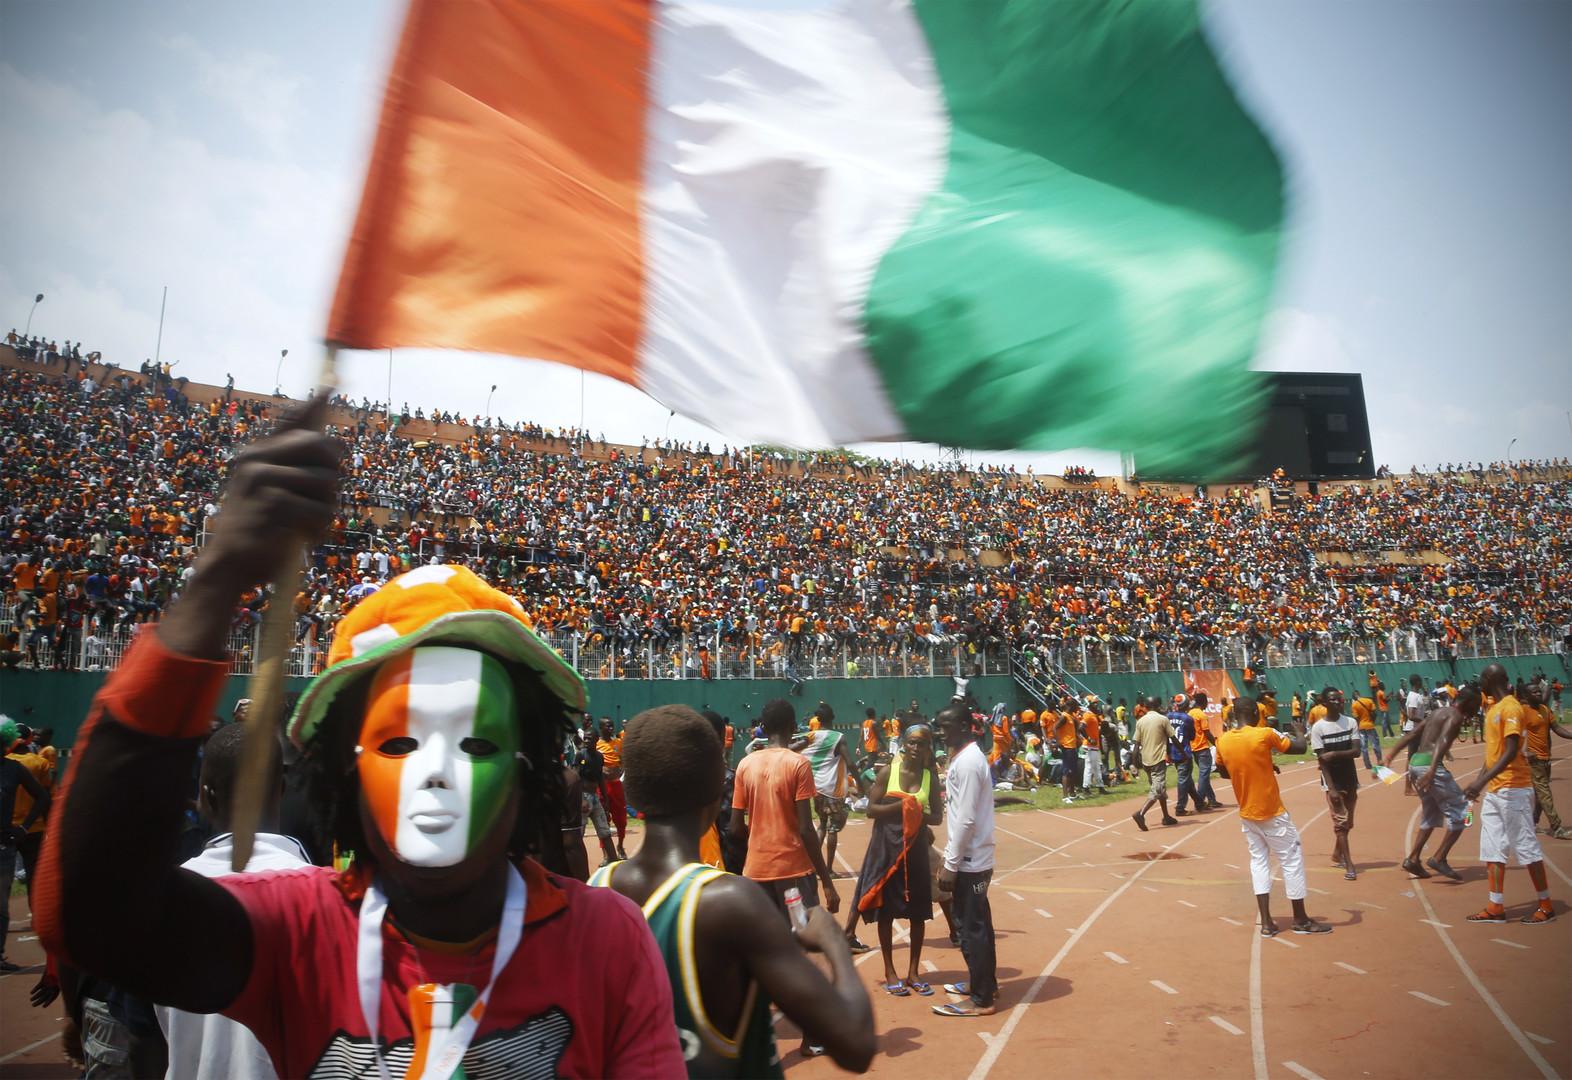 45 ألف مشجع انتظروا لاعبي ساحل العاج أبطال إفريقيا